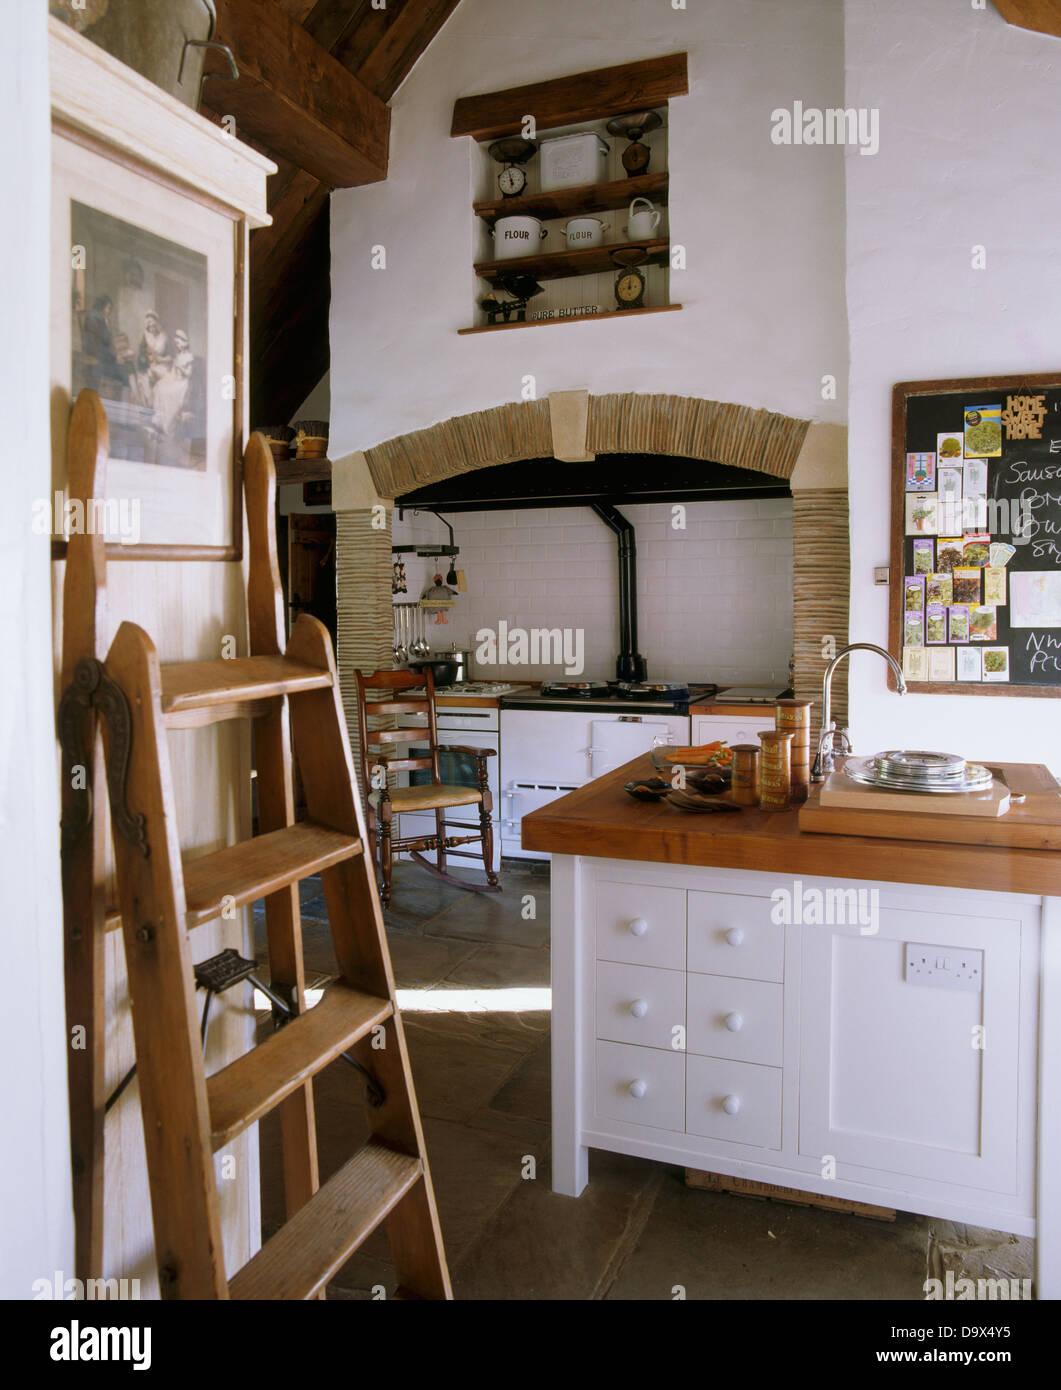 Escada De Madeira Inclinado Contra A Parede Em Alta Cozinha Com